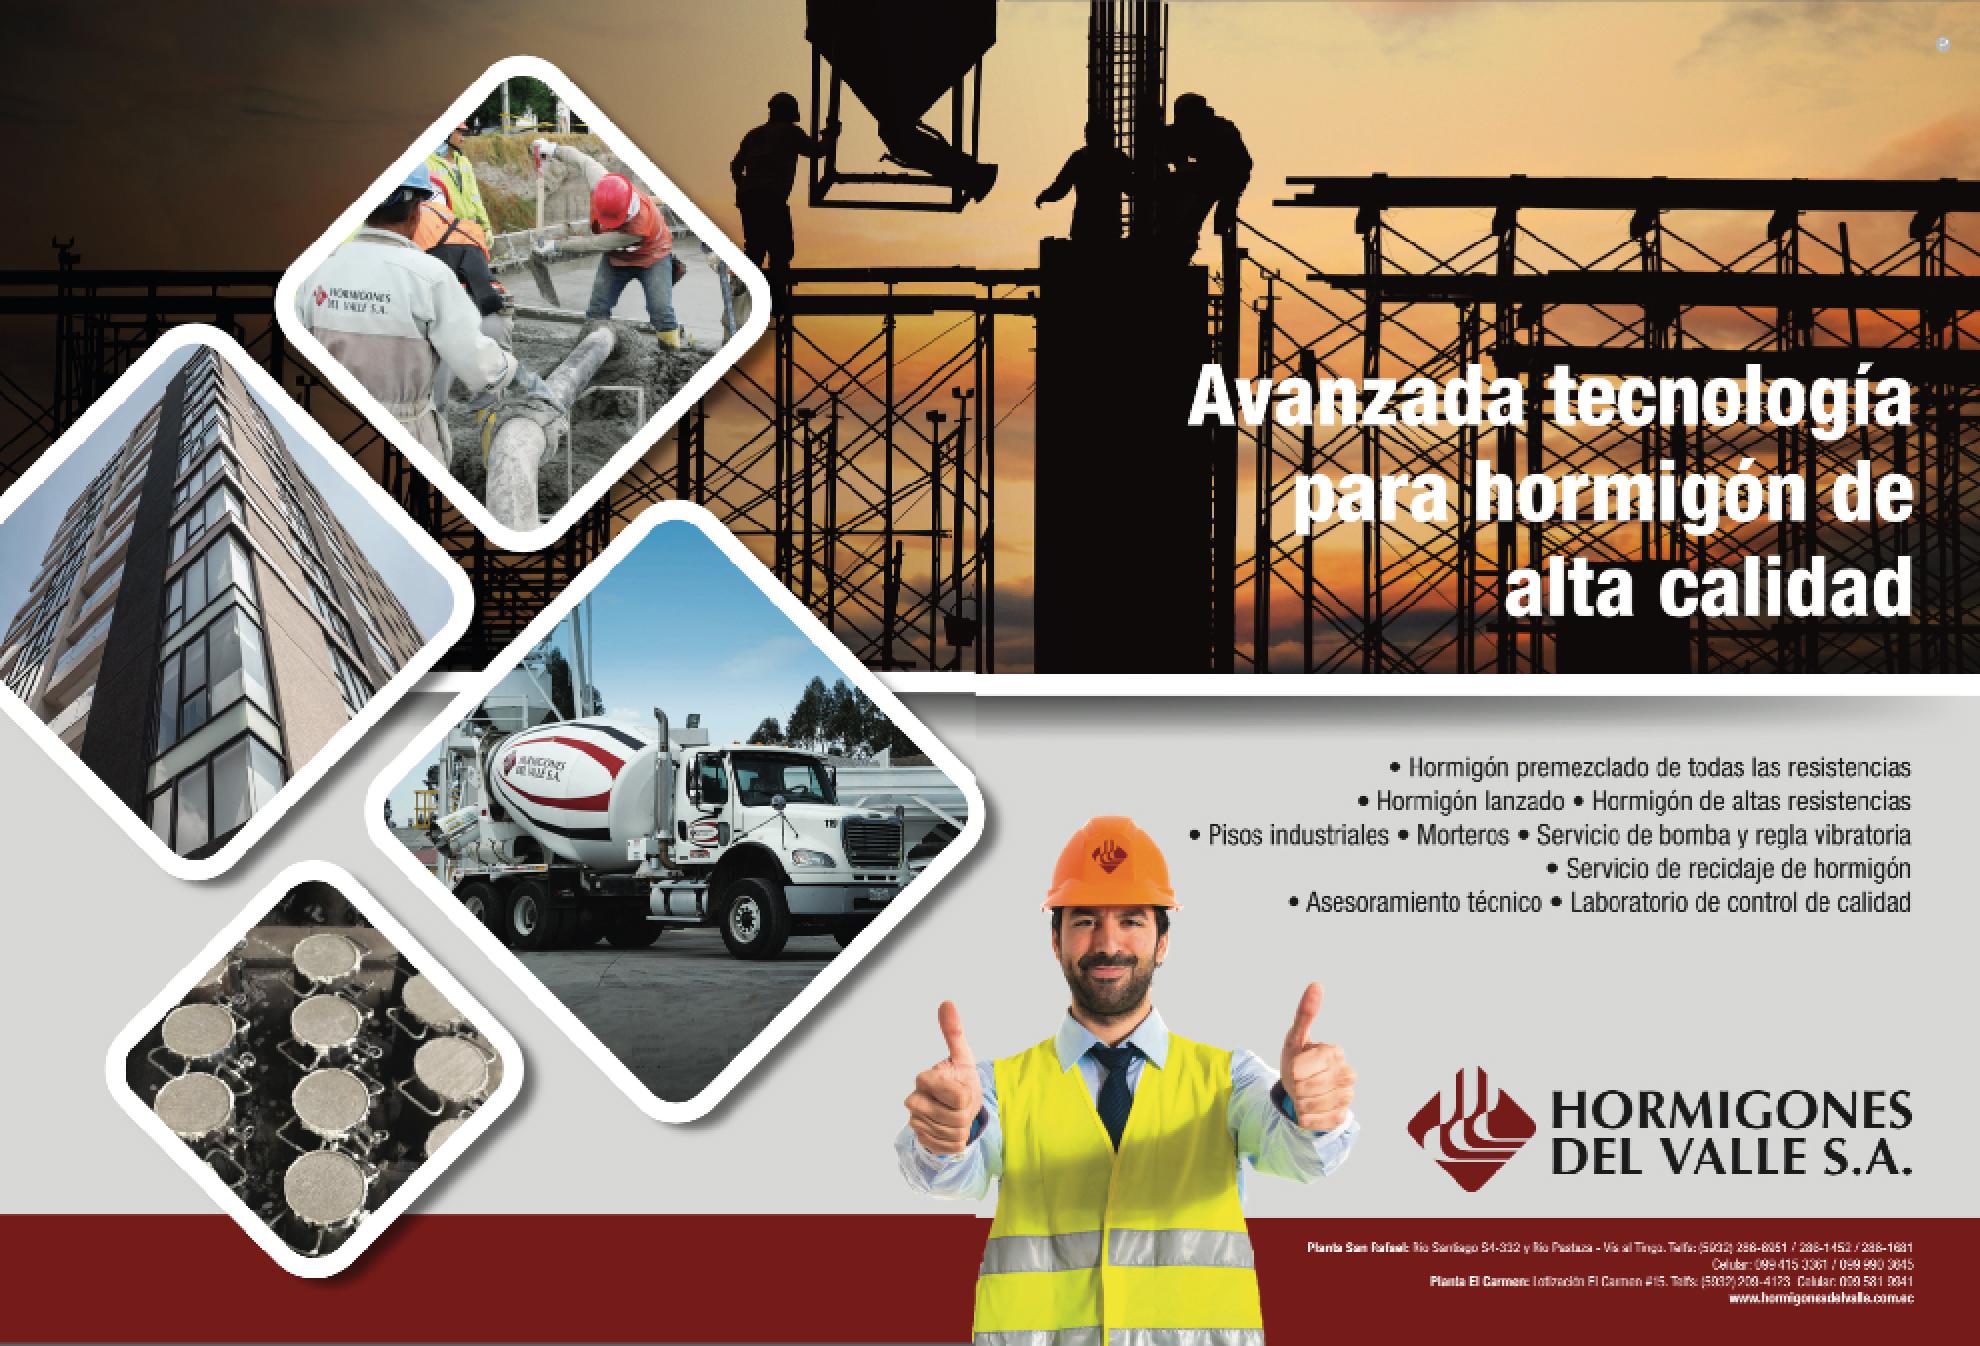 HORMIGONES DEL VALLE - Revista CLAVE!